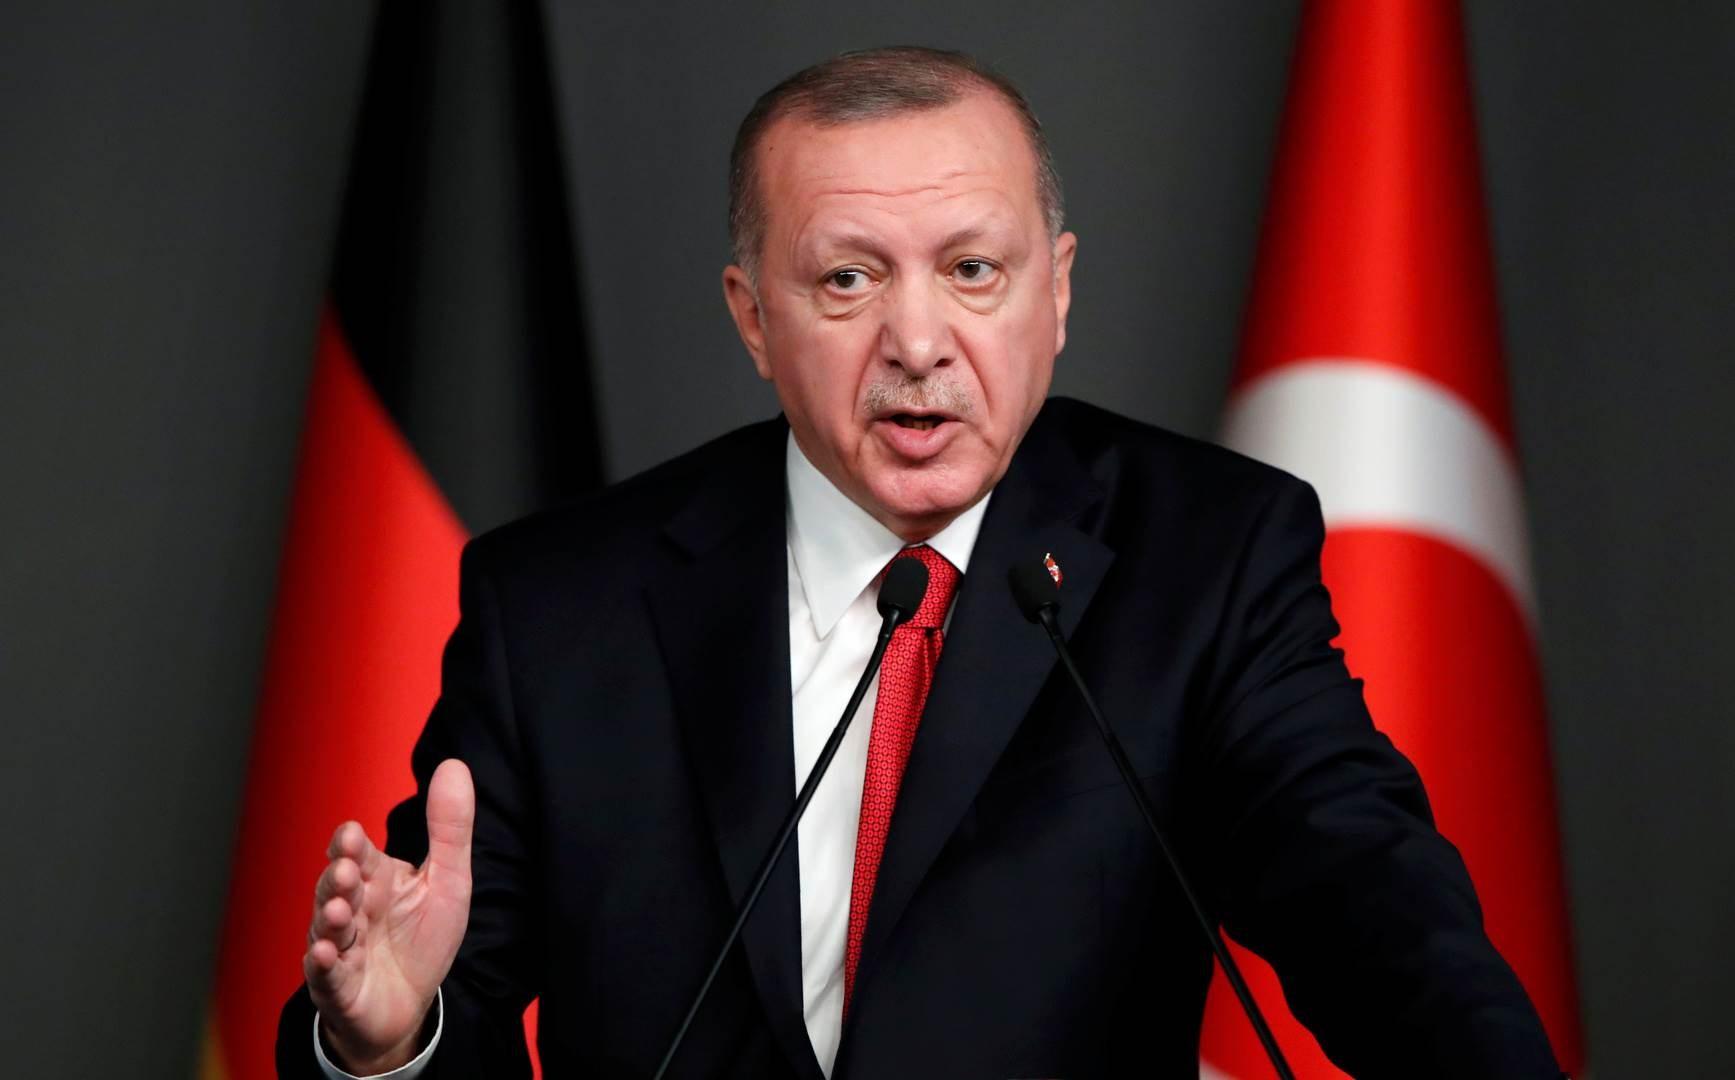 إردوغان: لسنا بحاجة للتباحث مع من ليس لديهم أي حقوق في مناطق الصلاحية البحرية